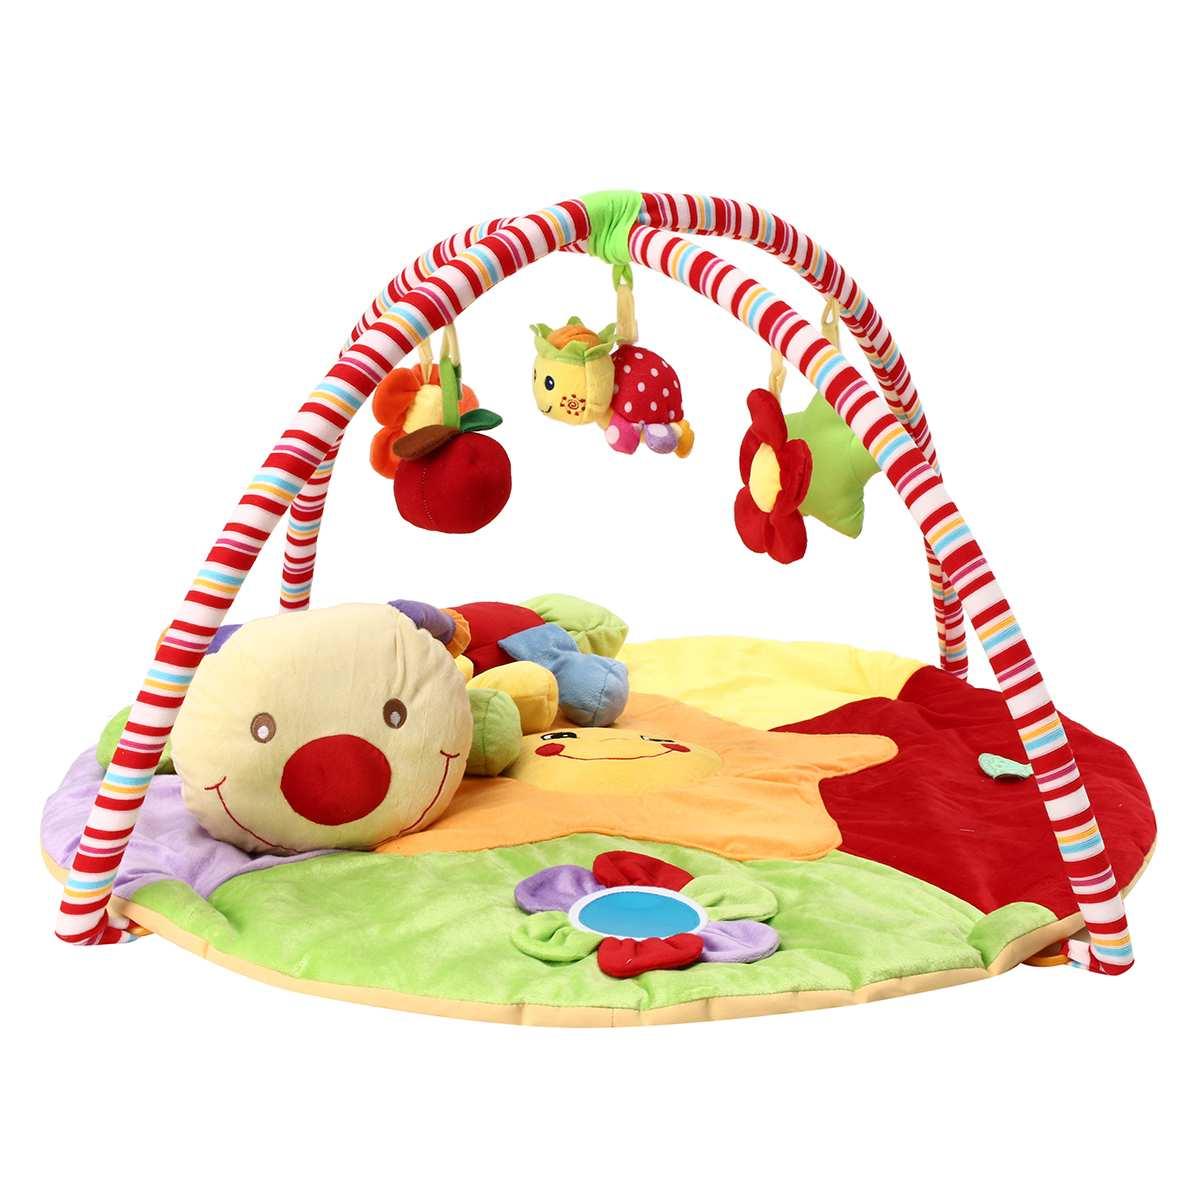 90X50 cm bébé infantile tapis de jeu Musical gratuit ramper ventre temps Gym Rack doux jouets éducatifs couverture bébé jouets unisexe tapis de jeu